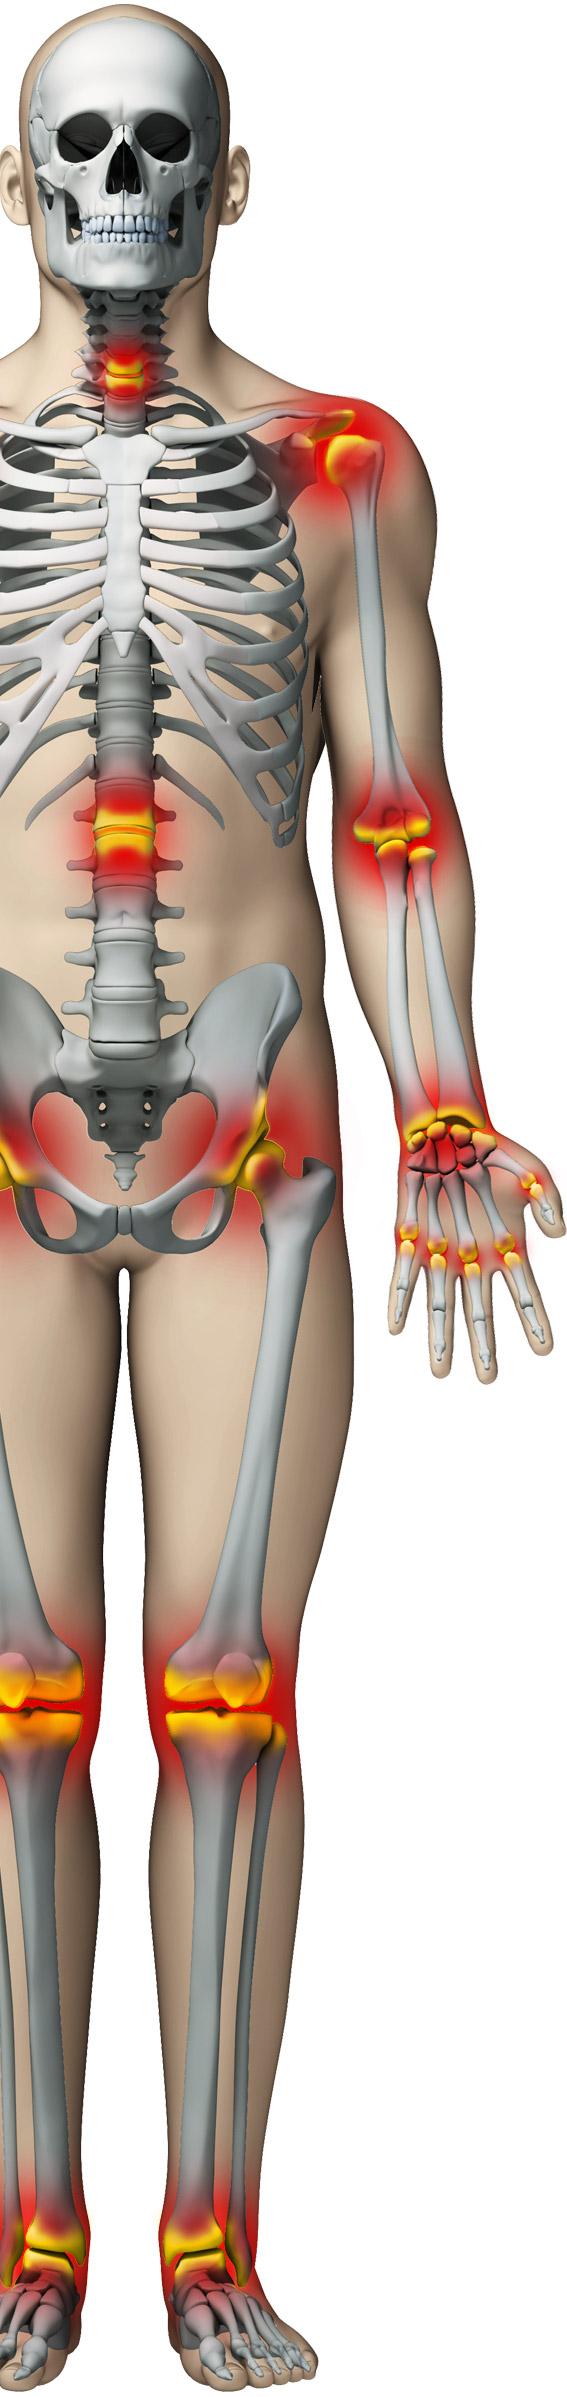 durere constantă în coloana vertebrală și articulații